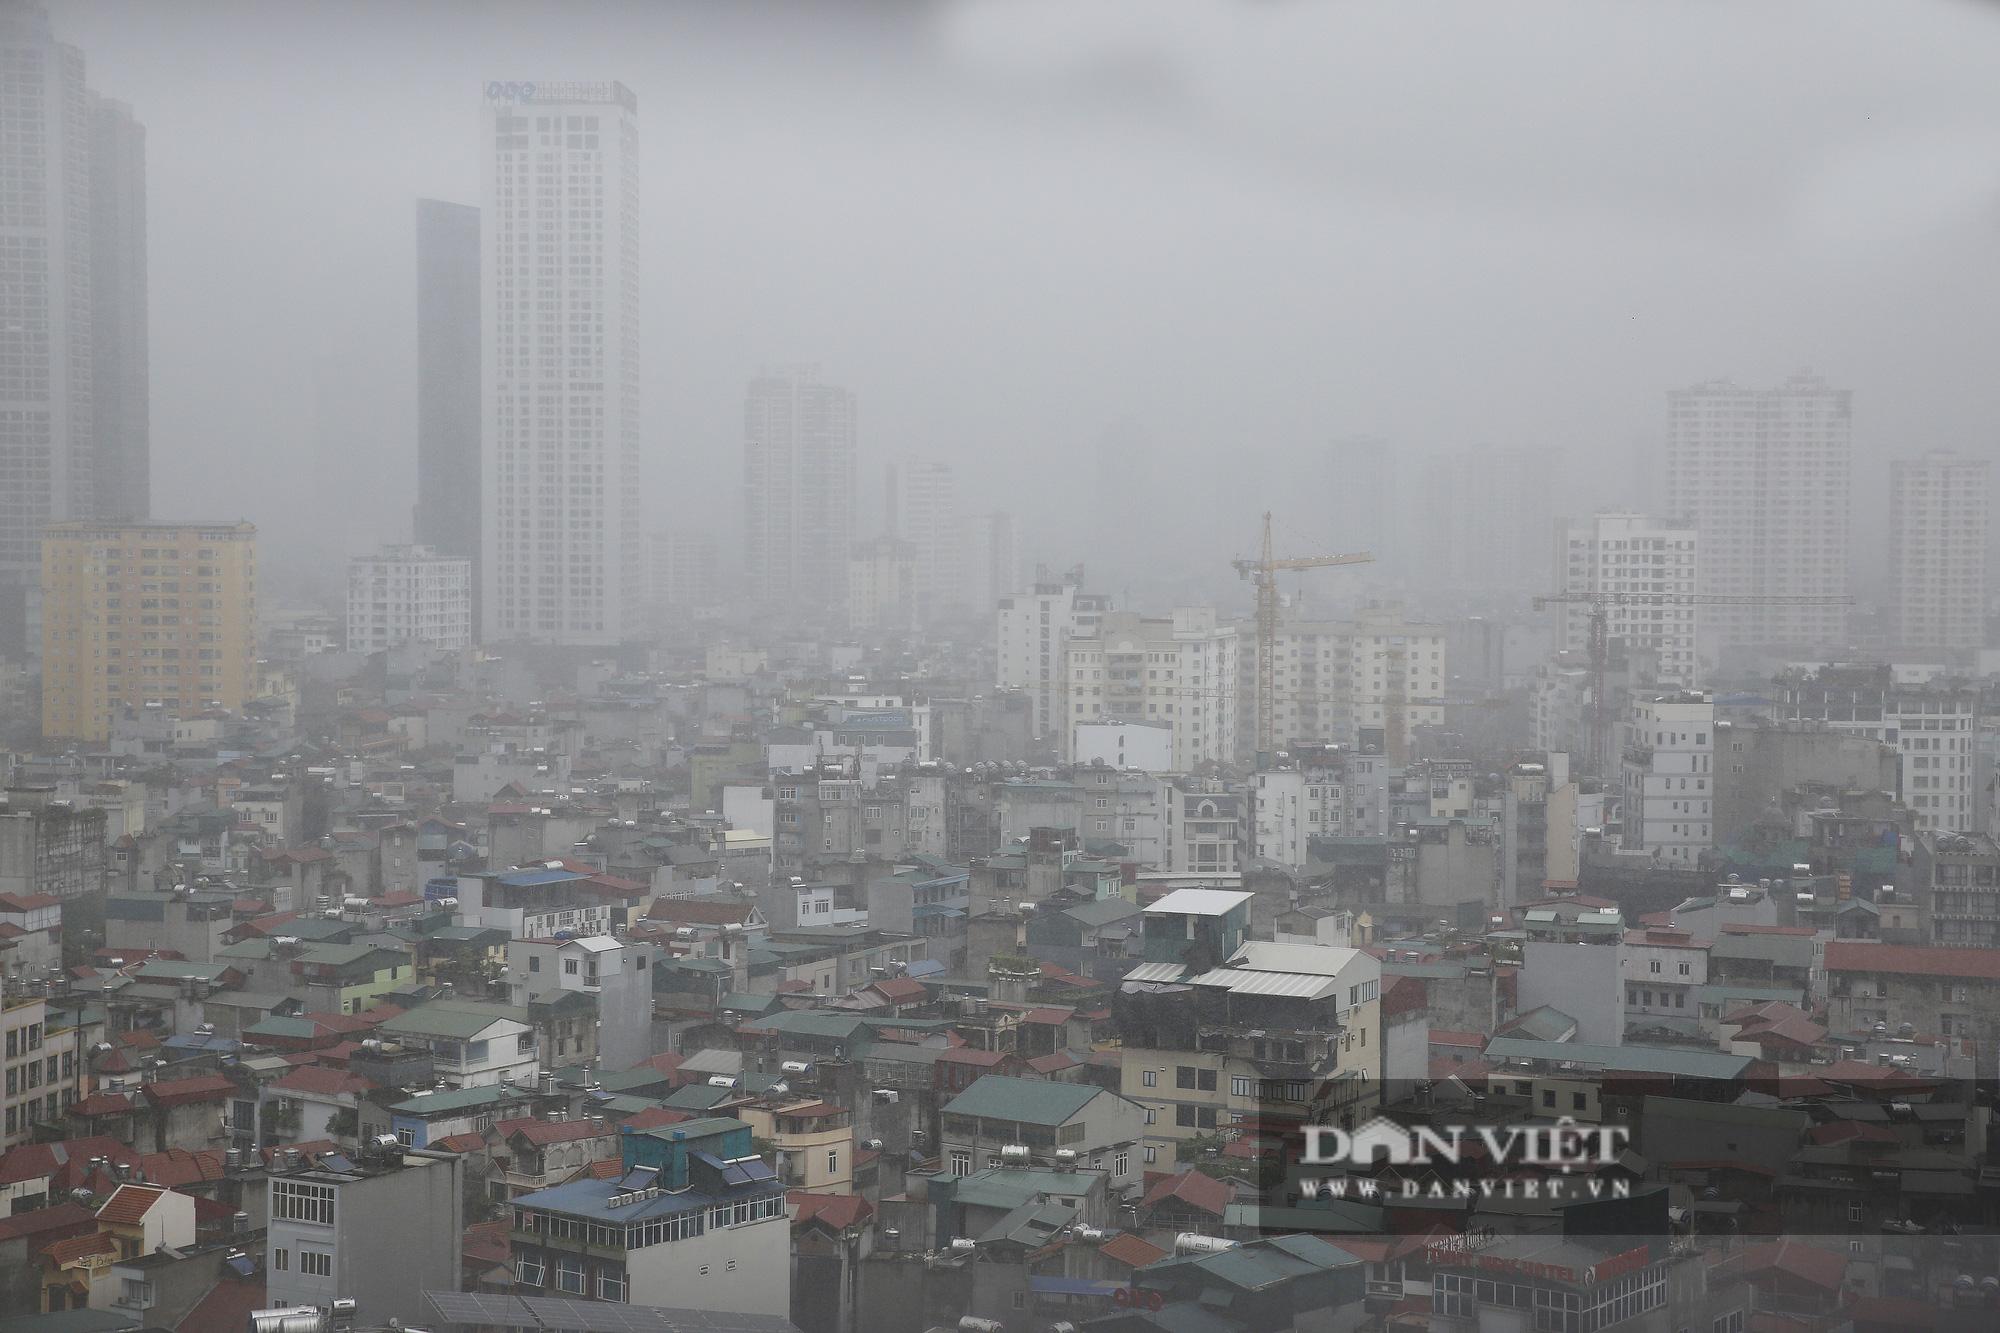 Bầu trời Hà Nội tối đen, mưa như trút do ảnh hưởng của bão số 2 - Ảnh 7.